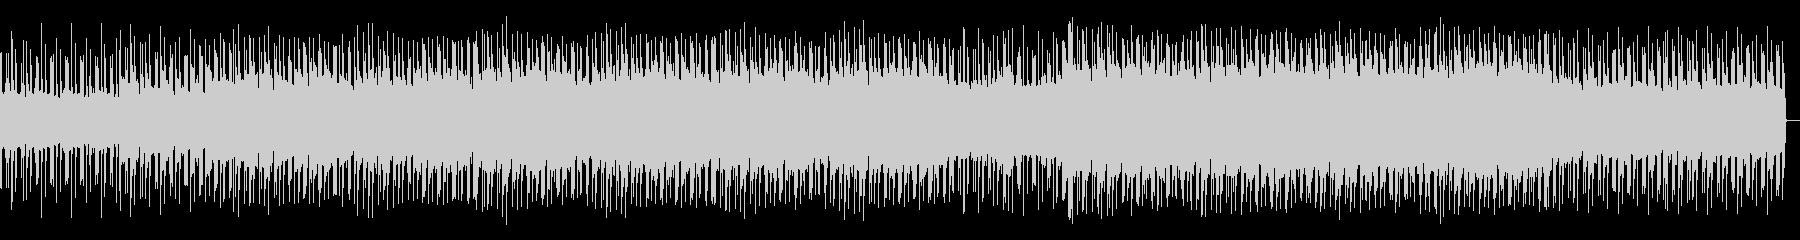 シューゲイザー系UKインディーロックの未再生の波形